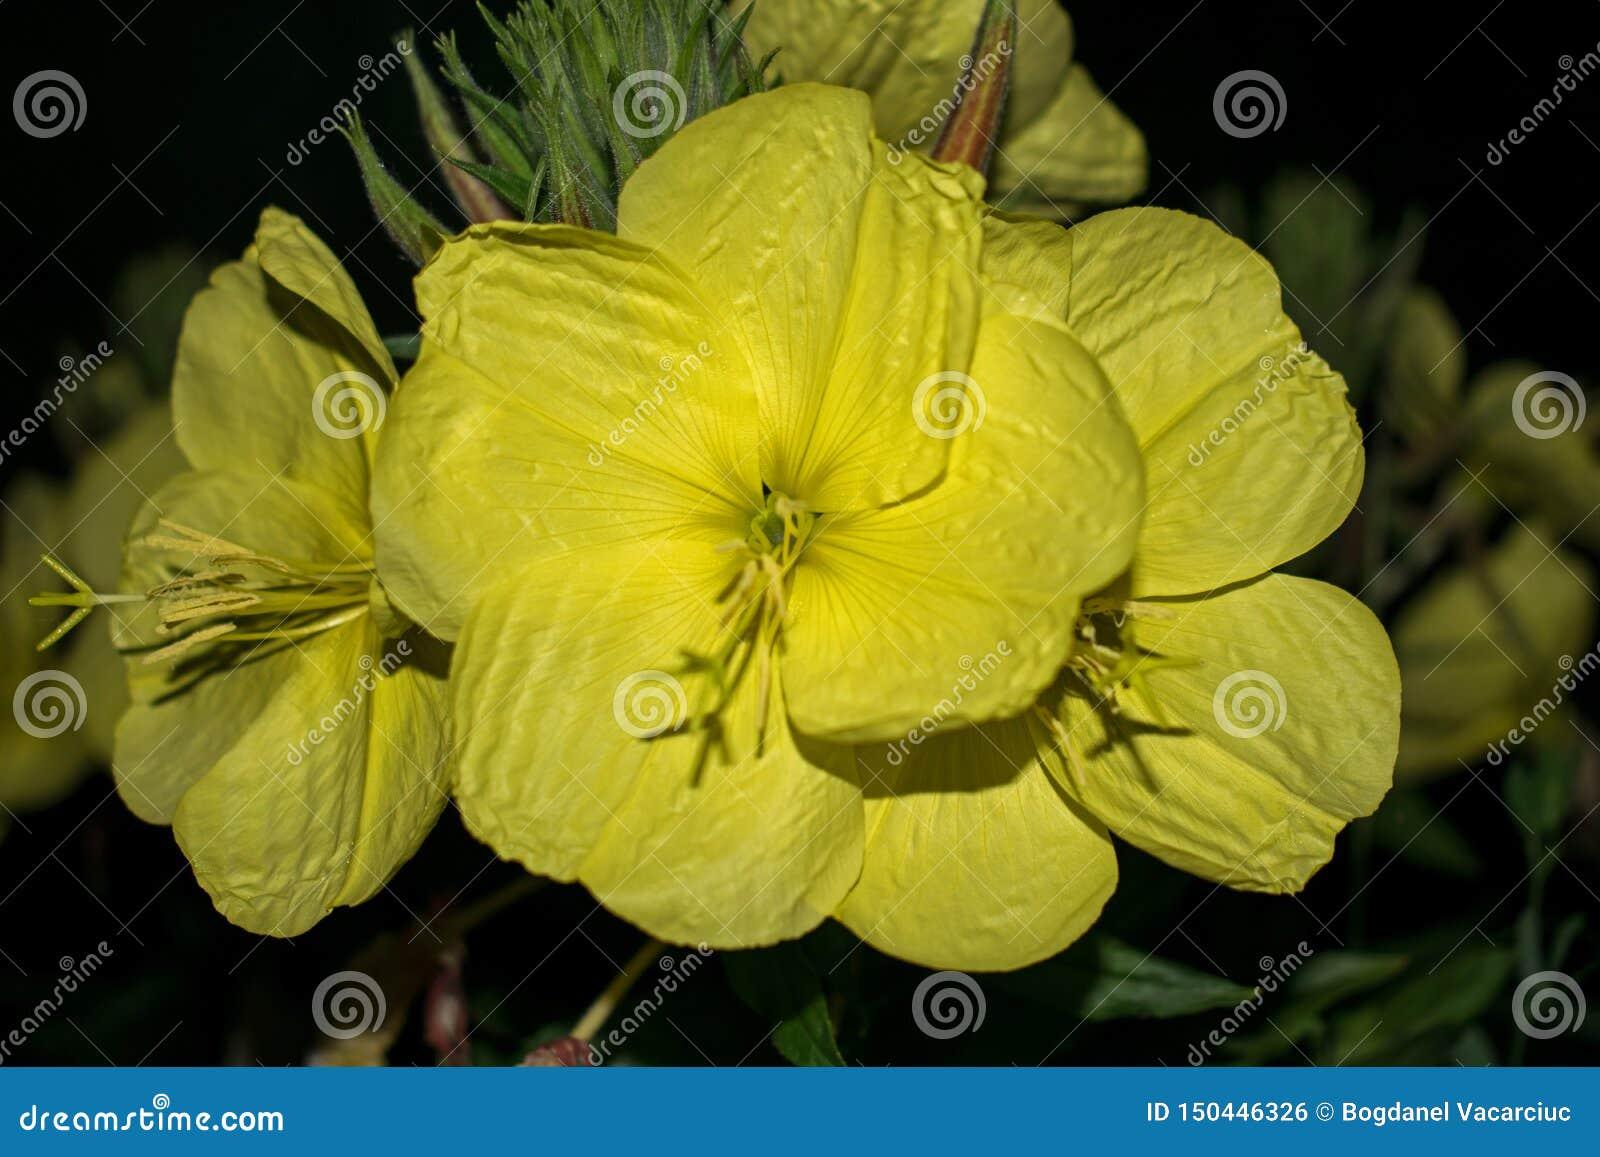 Grote gele bloem die slechts bij nacht bloeit Prinses van de nacht